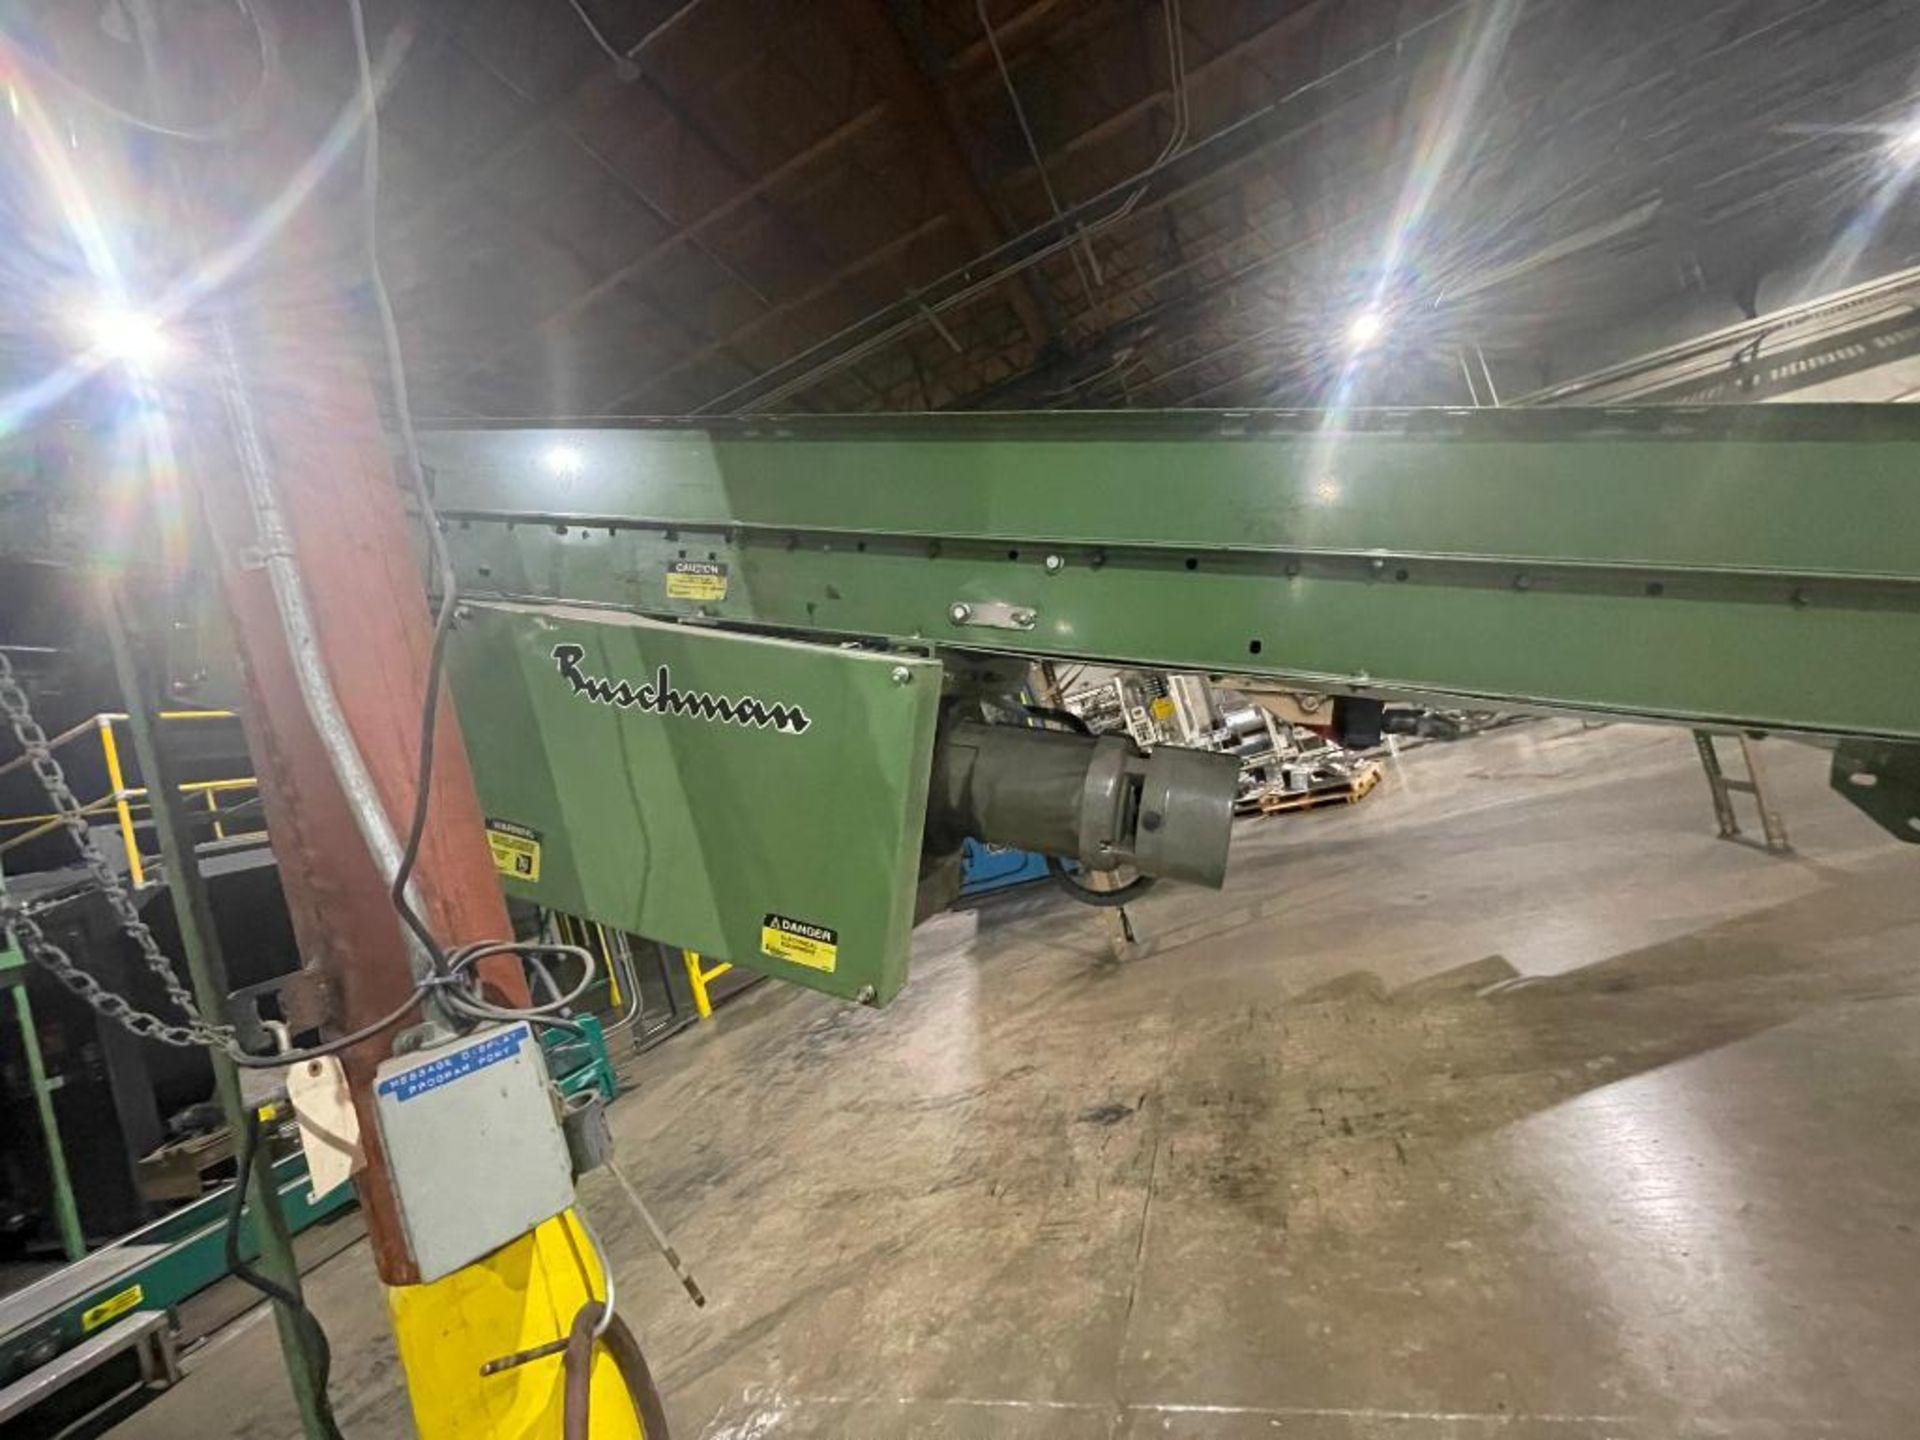 Buschman mild steel incline conveyor - Image 3 of 15